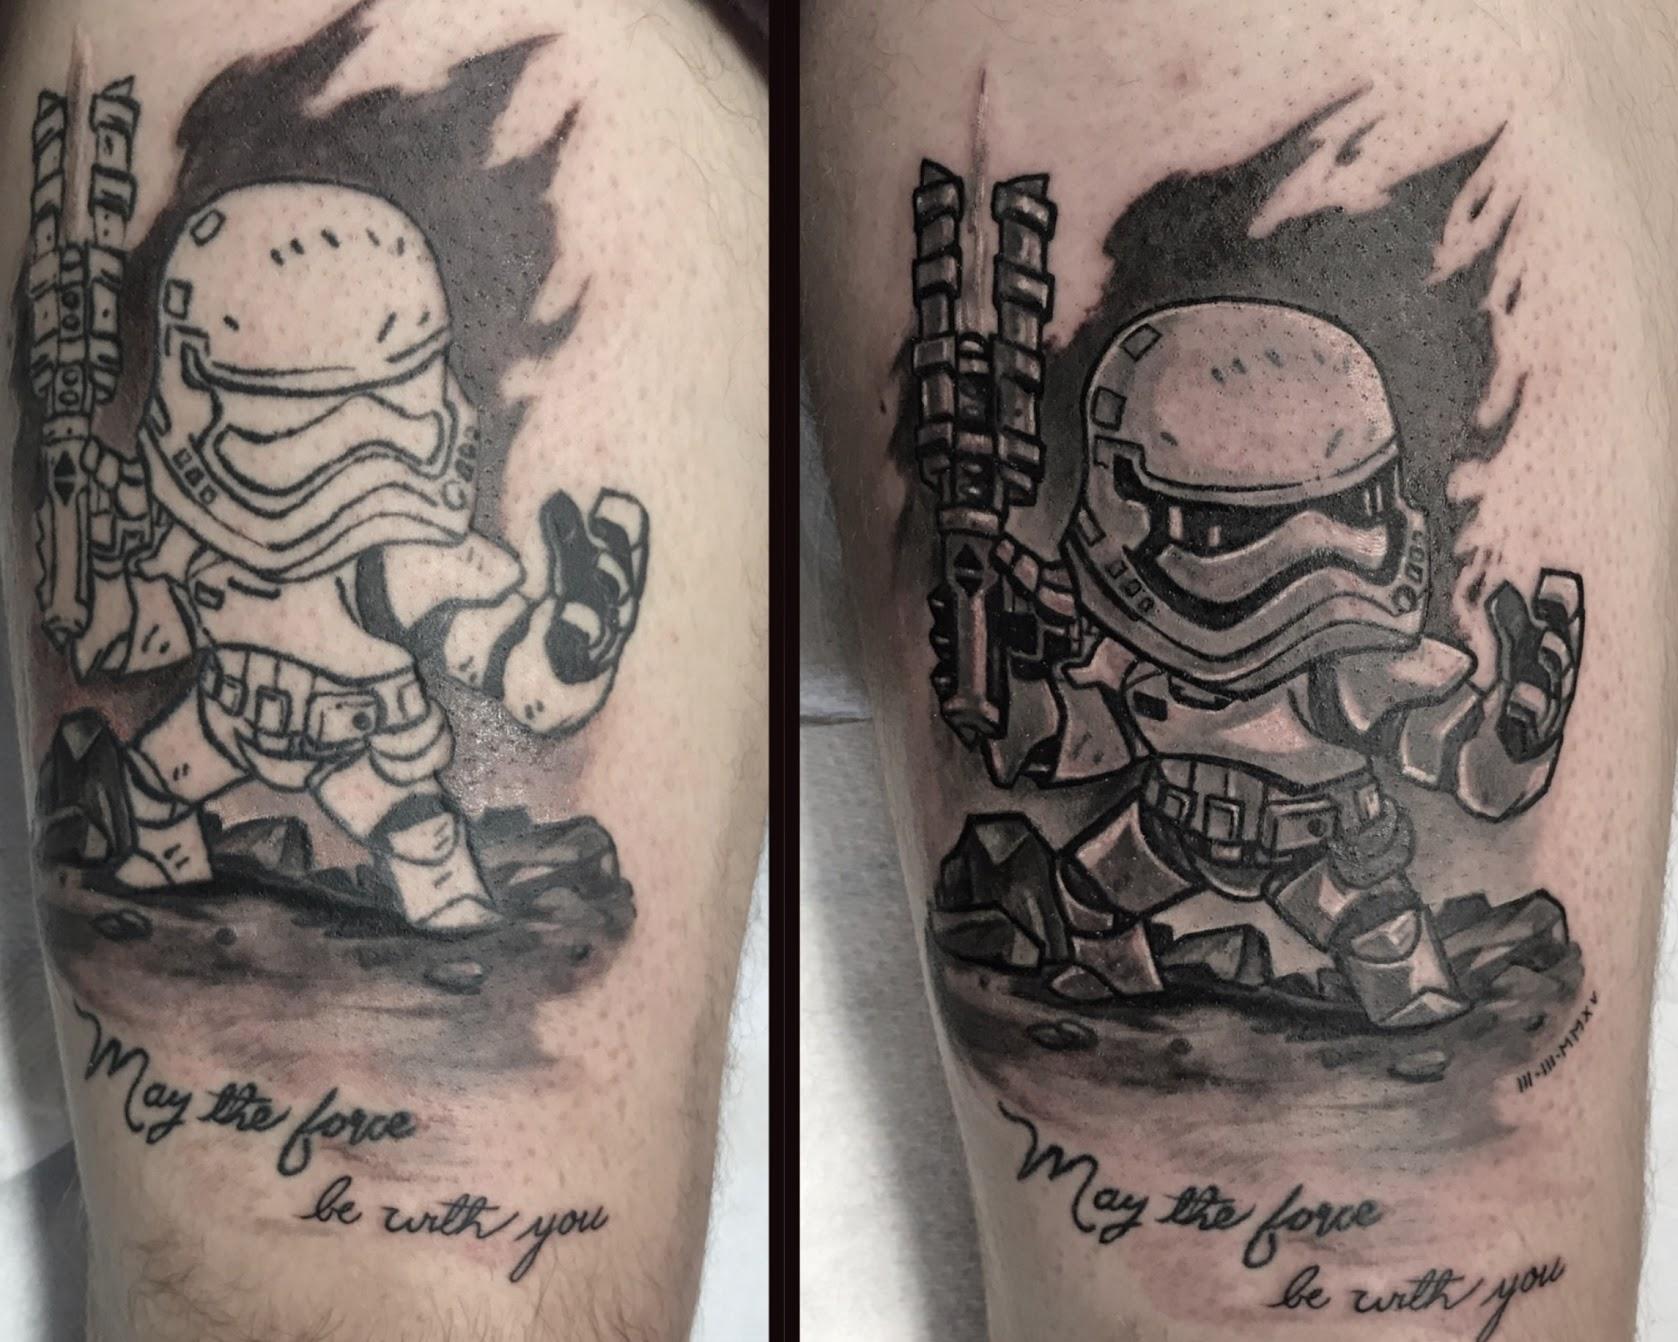 Tattoo-Star Wars